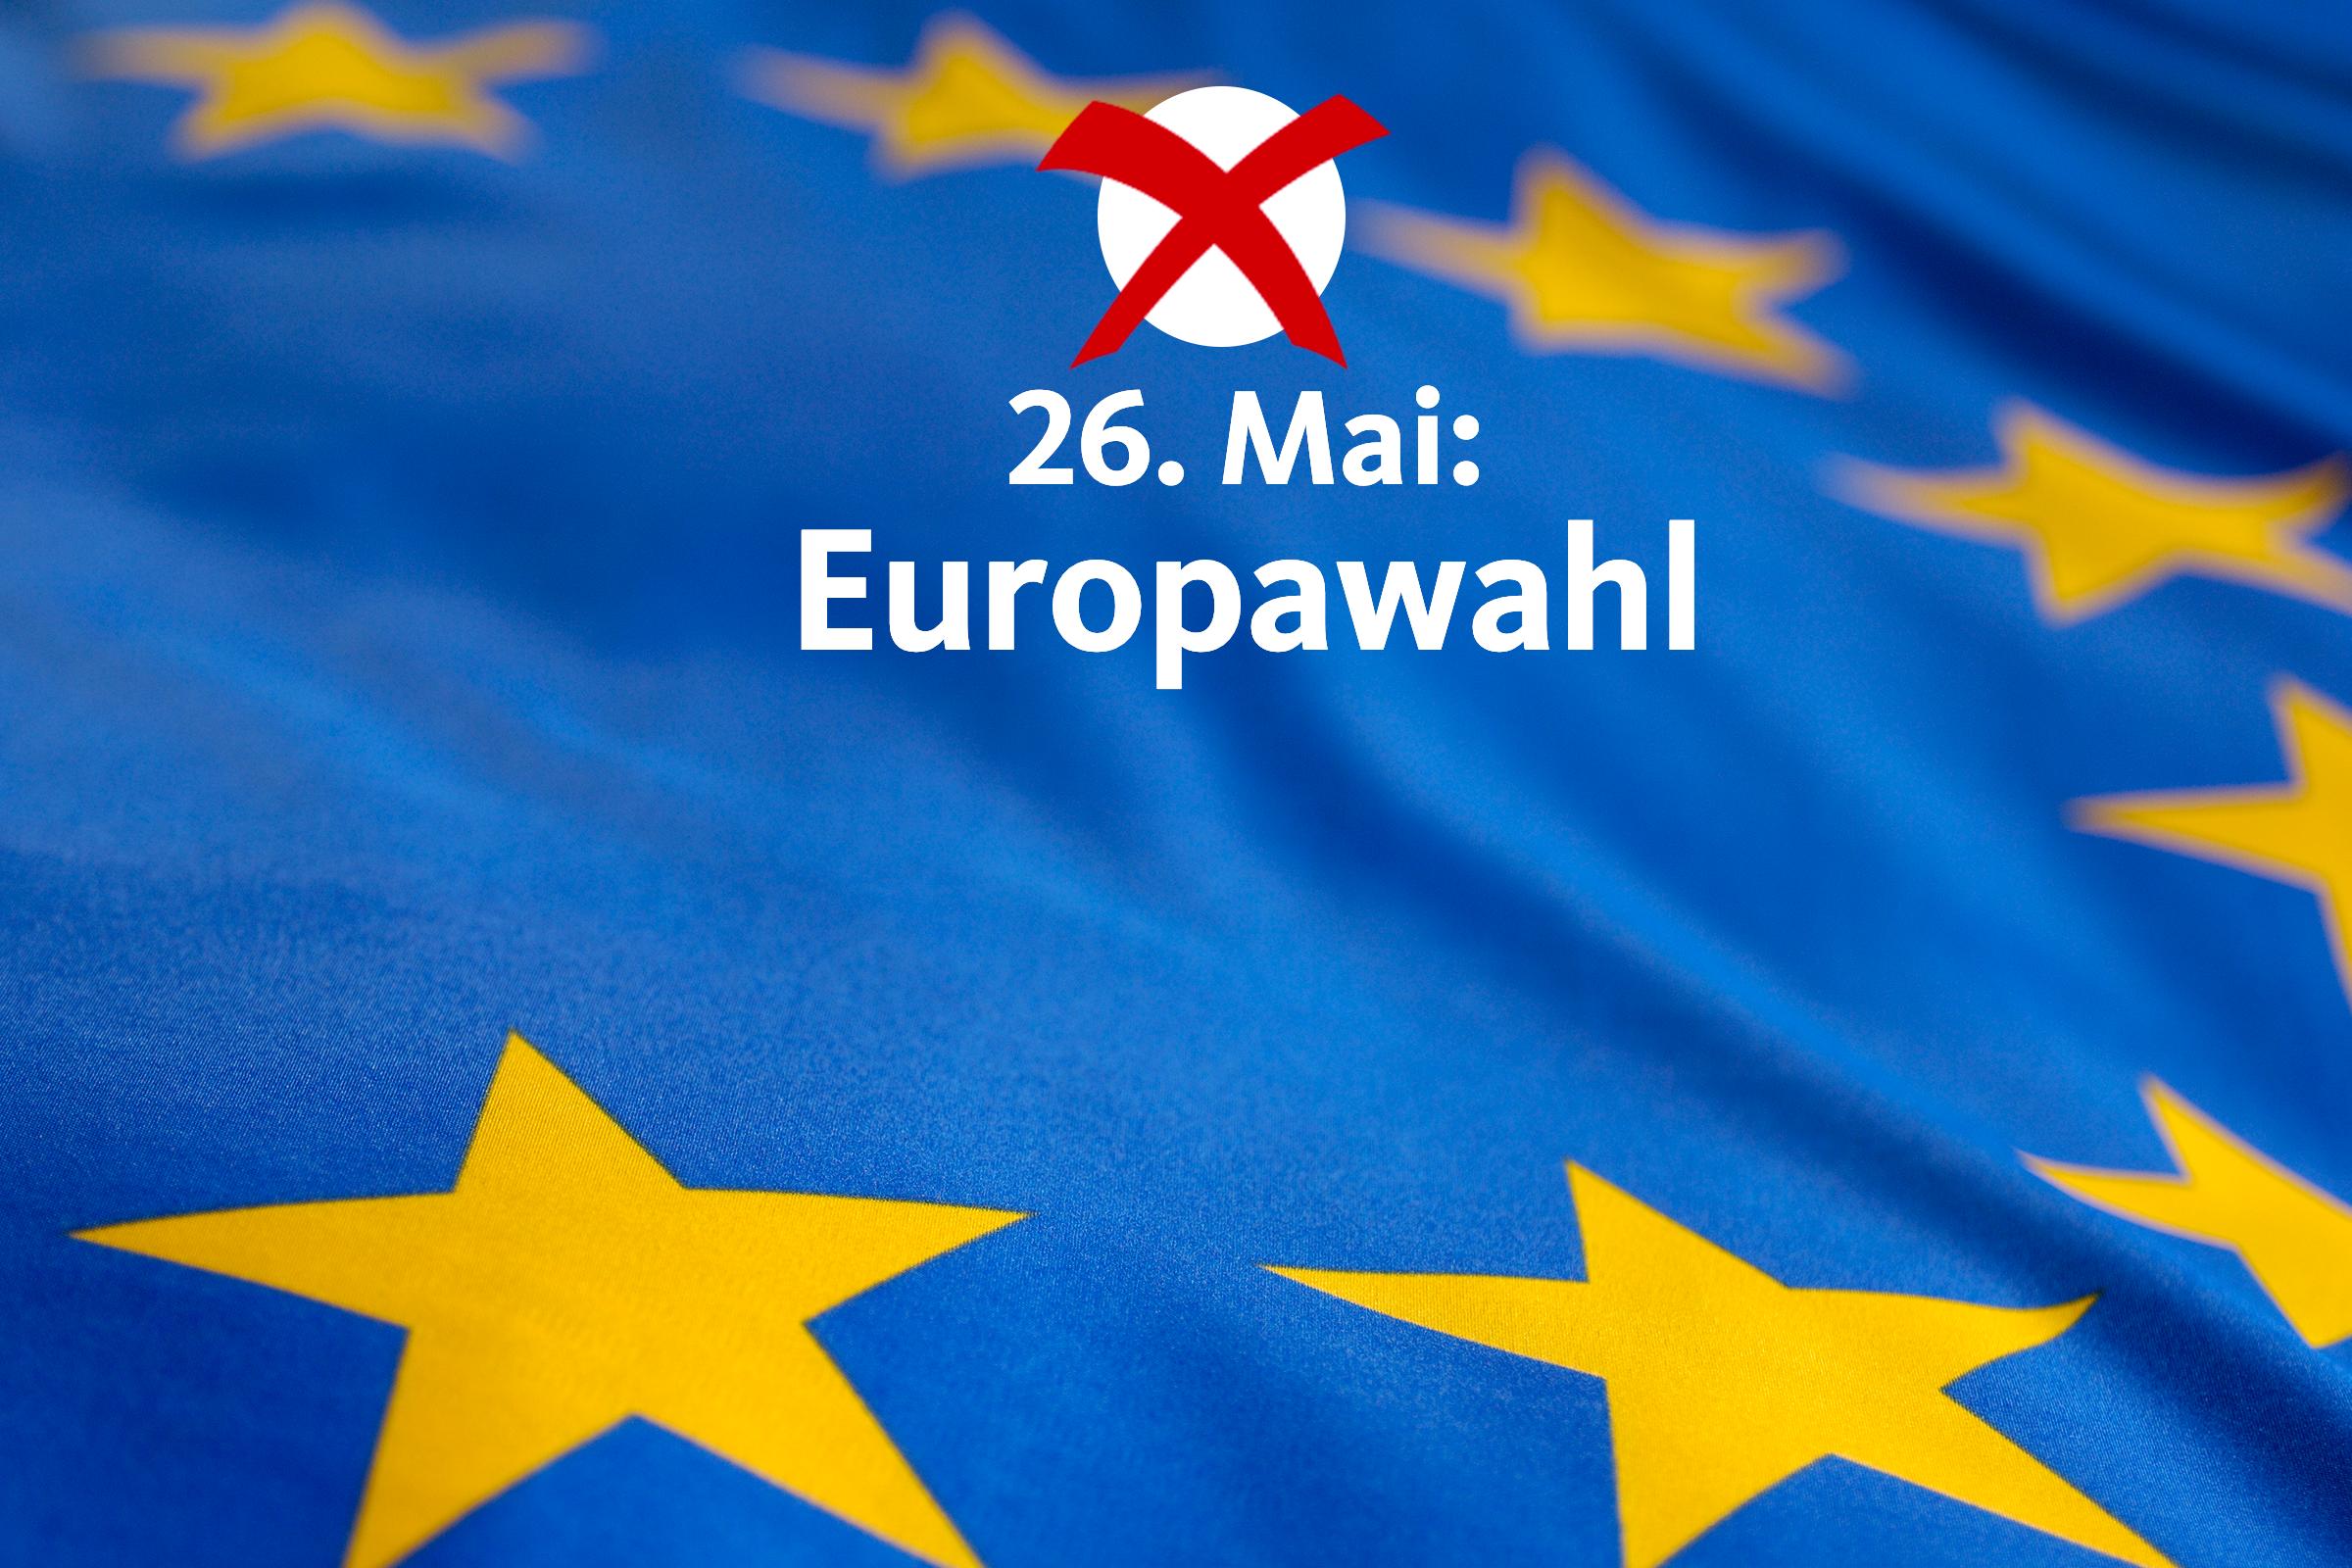 Bildergebnis für europawahl